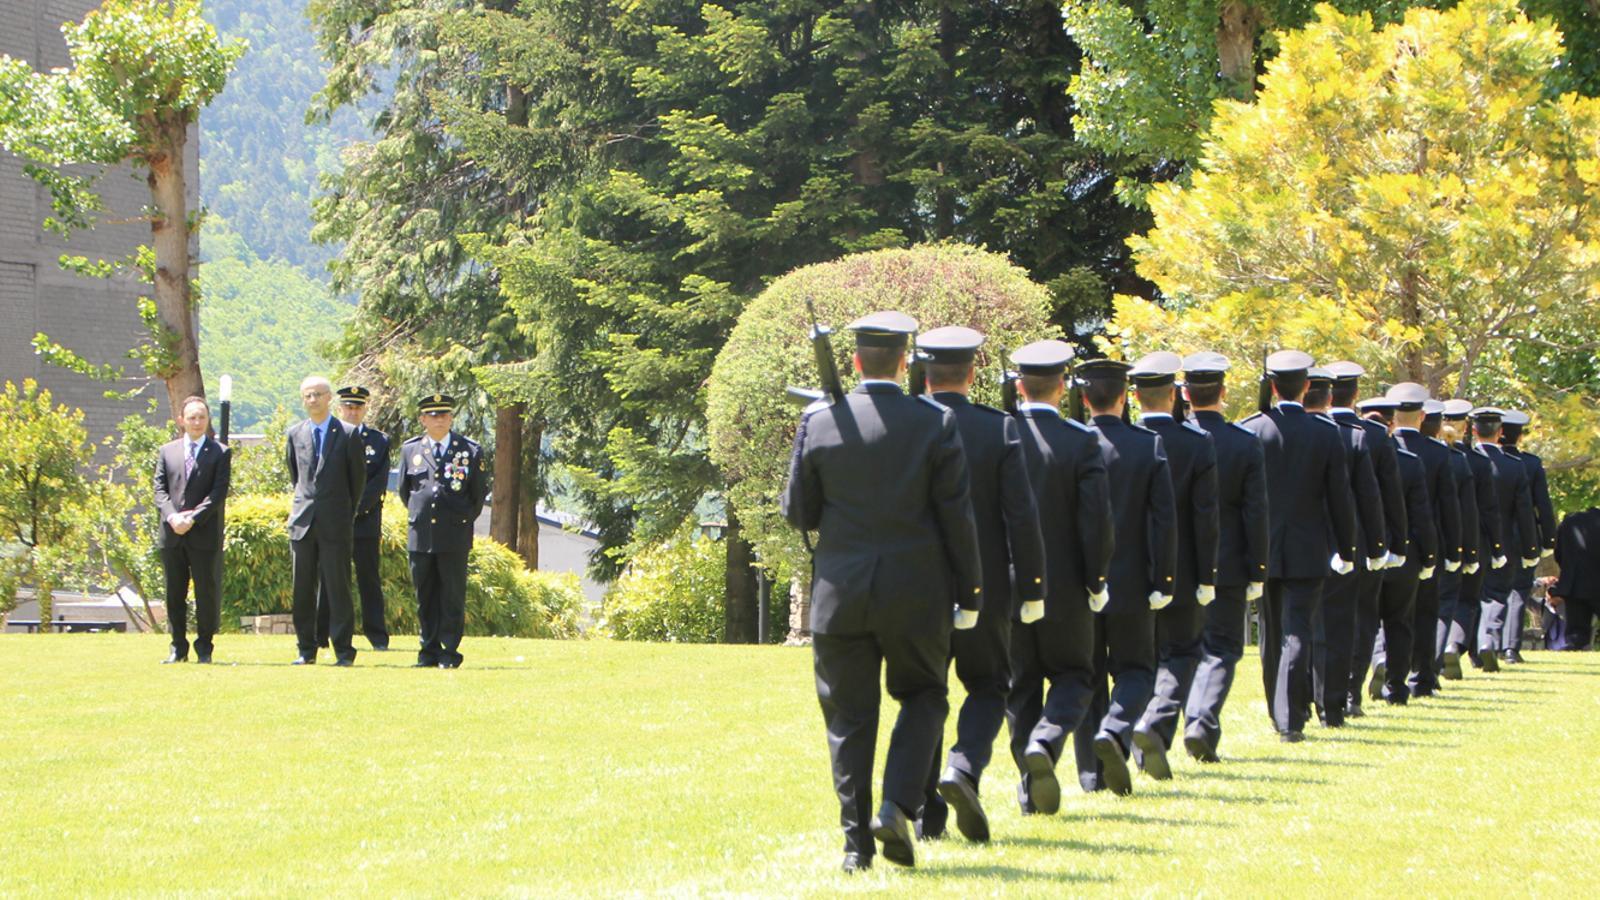 Celebració del Dia de la patrona del Cos de Policia / M.F. (ANA)